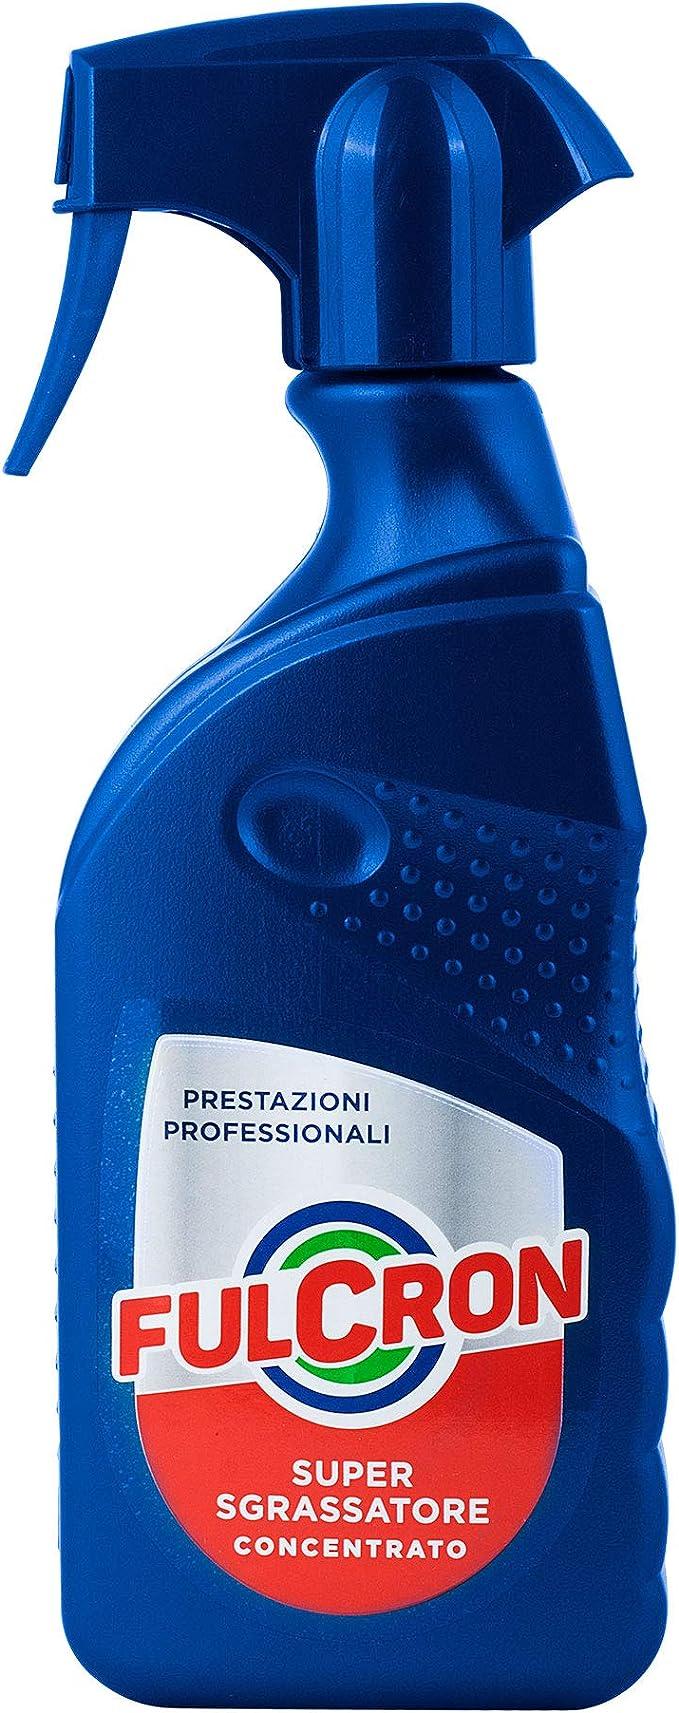 255 opinioni per Fulcron Sgrassatore Super Sgrassatore Concentrato 500 ml, spray sgassatore tutte